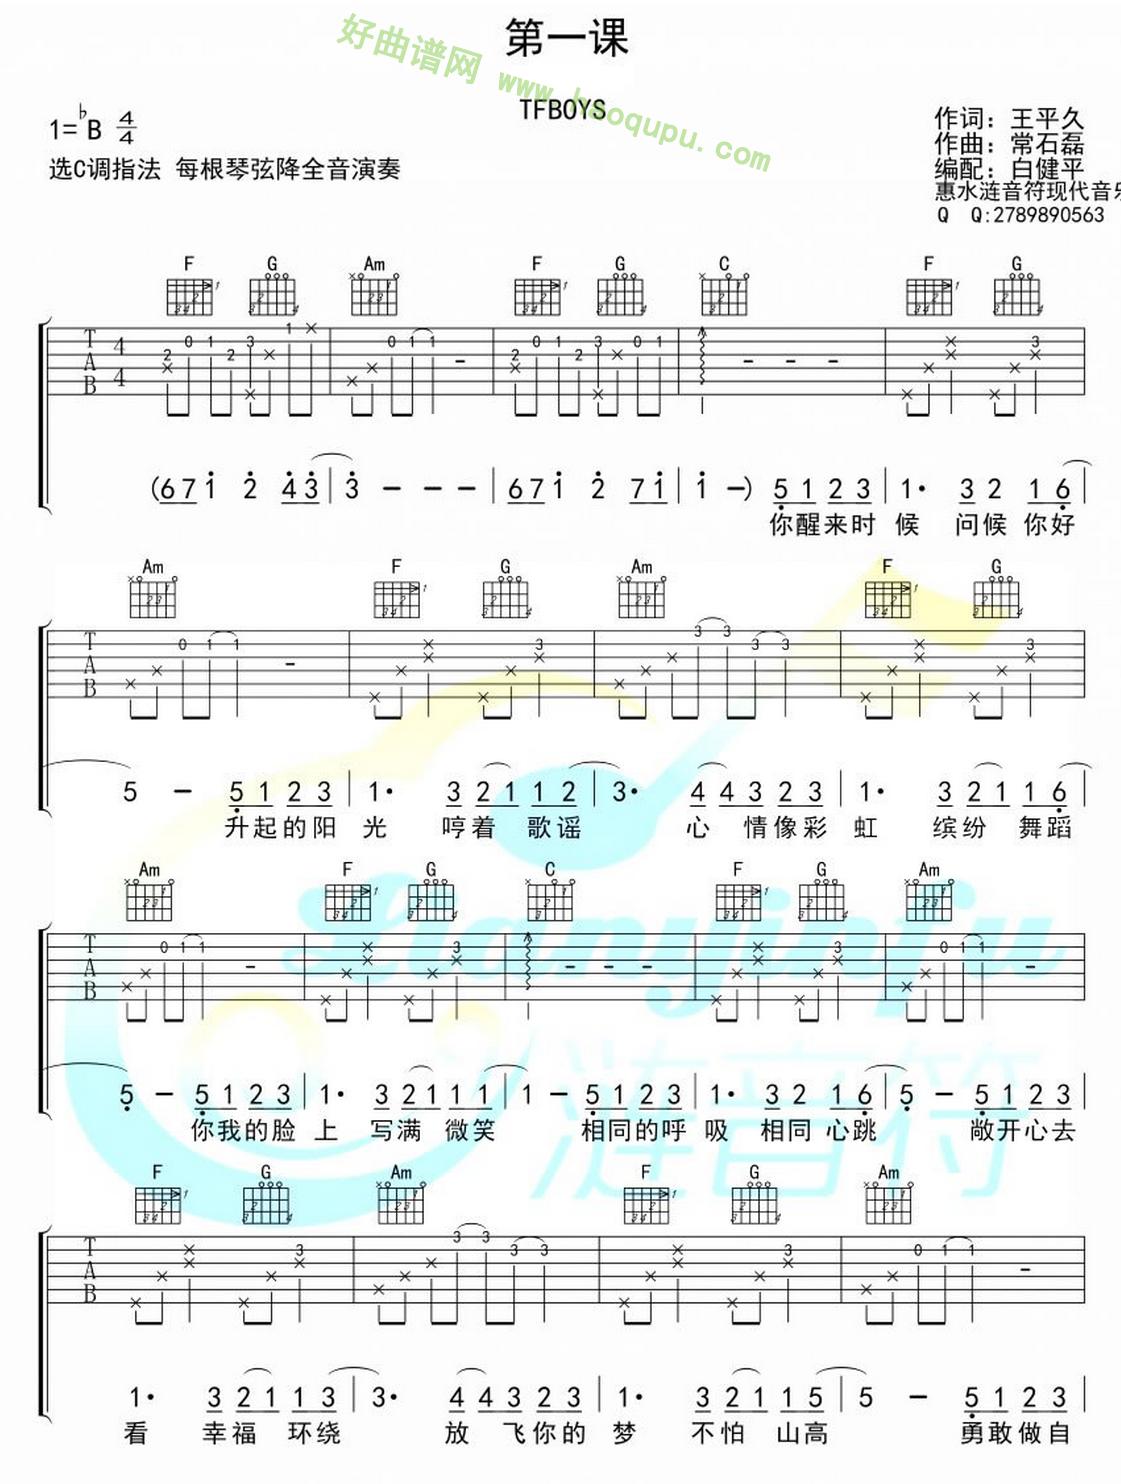 《开学第一课》(TFBOYS演唱)吉他谱第1张